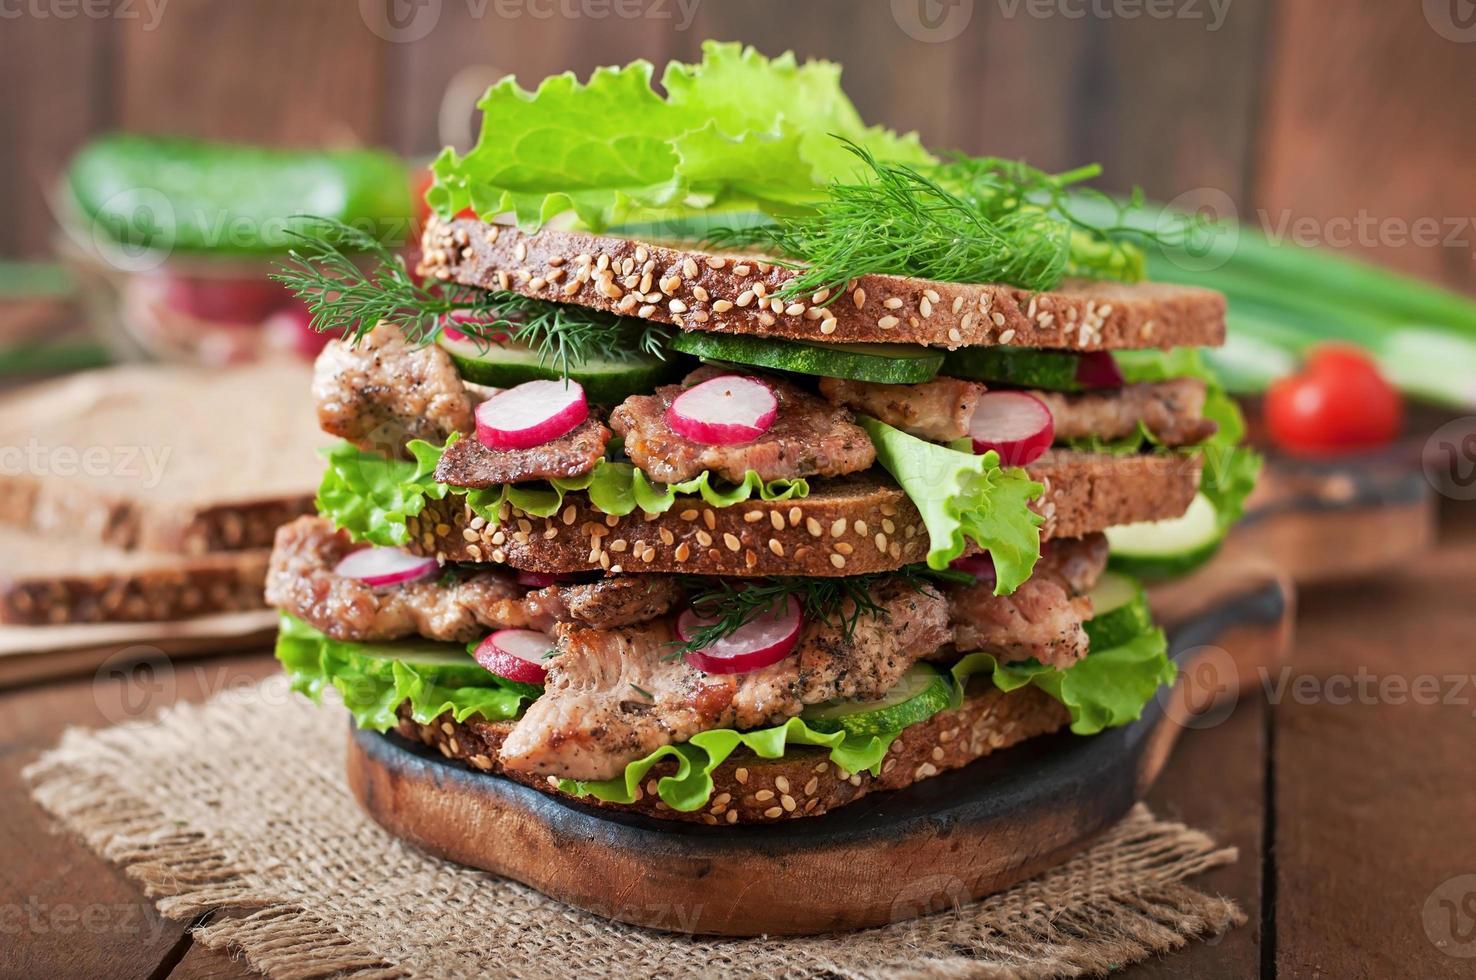 sandwich con carne, verduras y rebanadas de pan de centeno foto